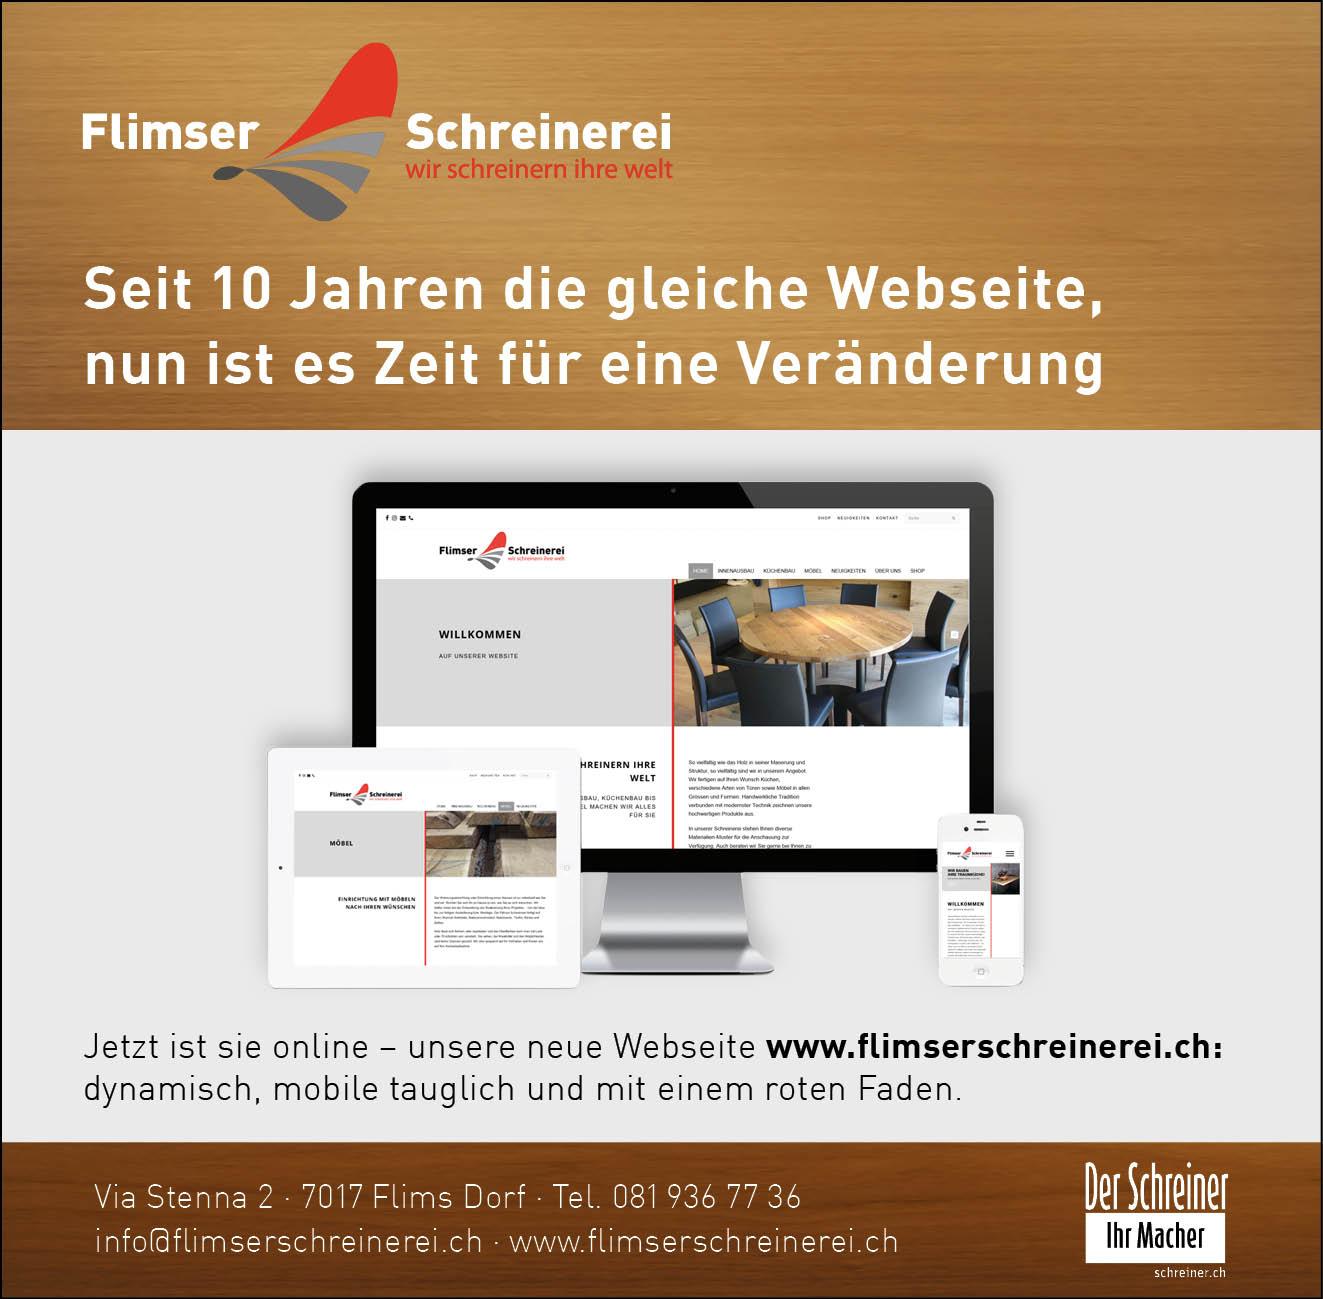 Unsere neue Webseite flimserschreinerei.ch